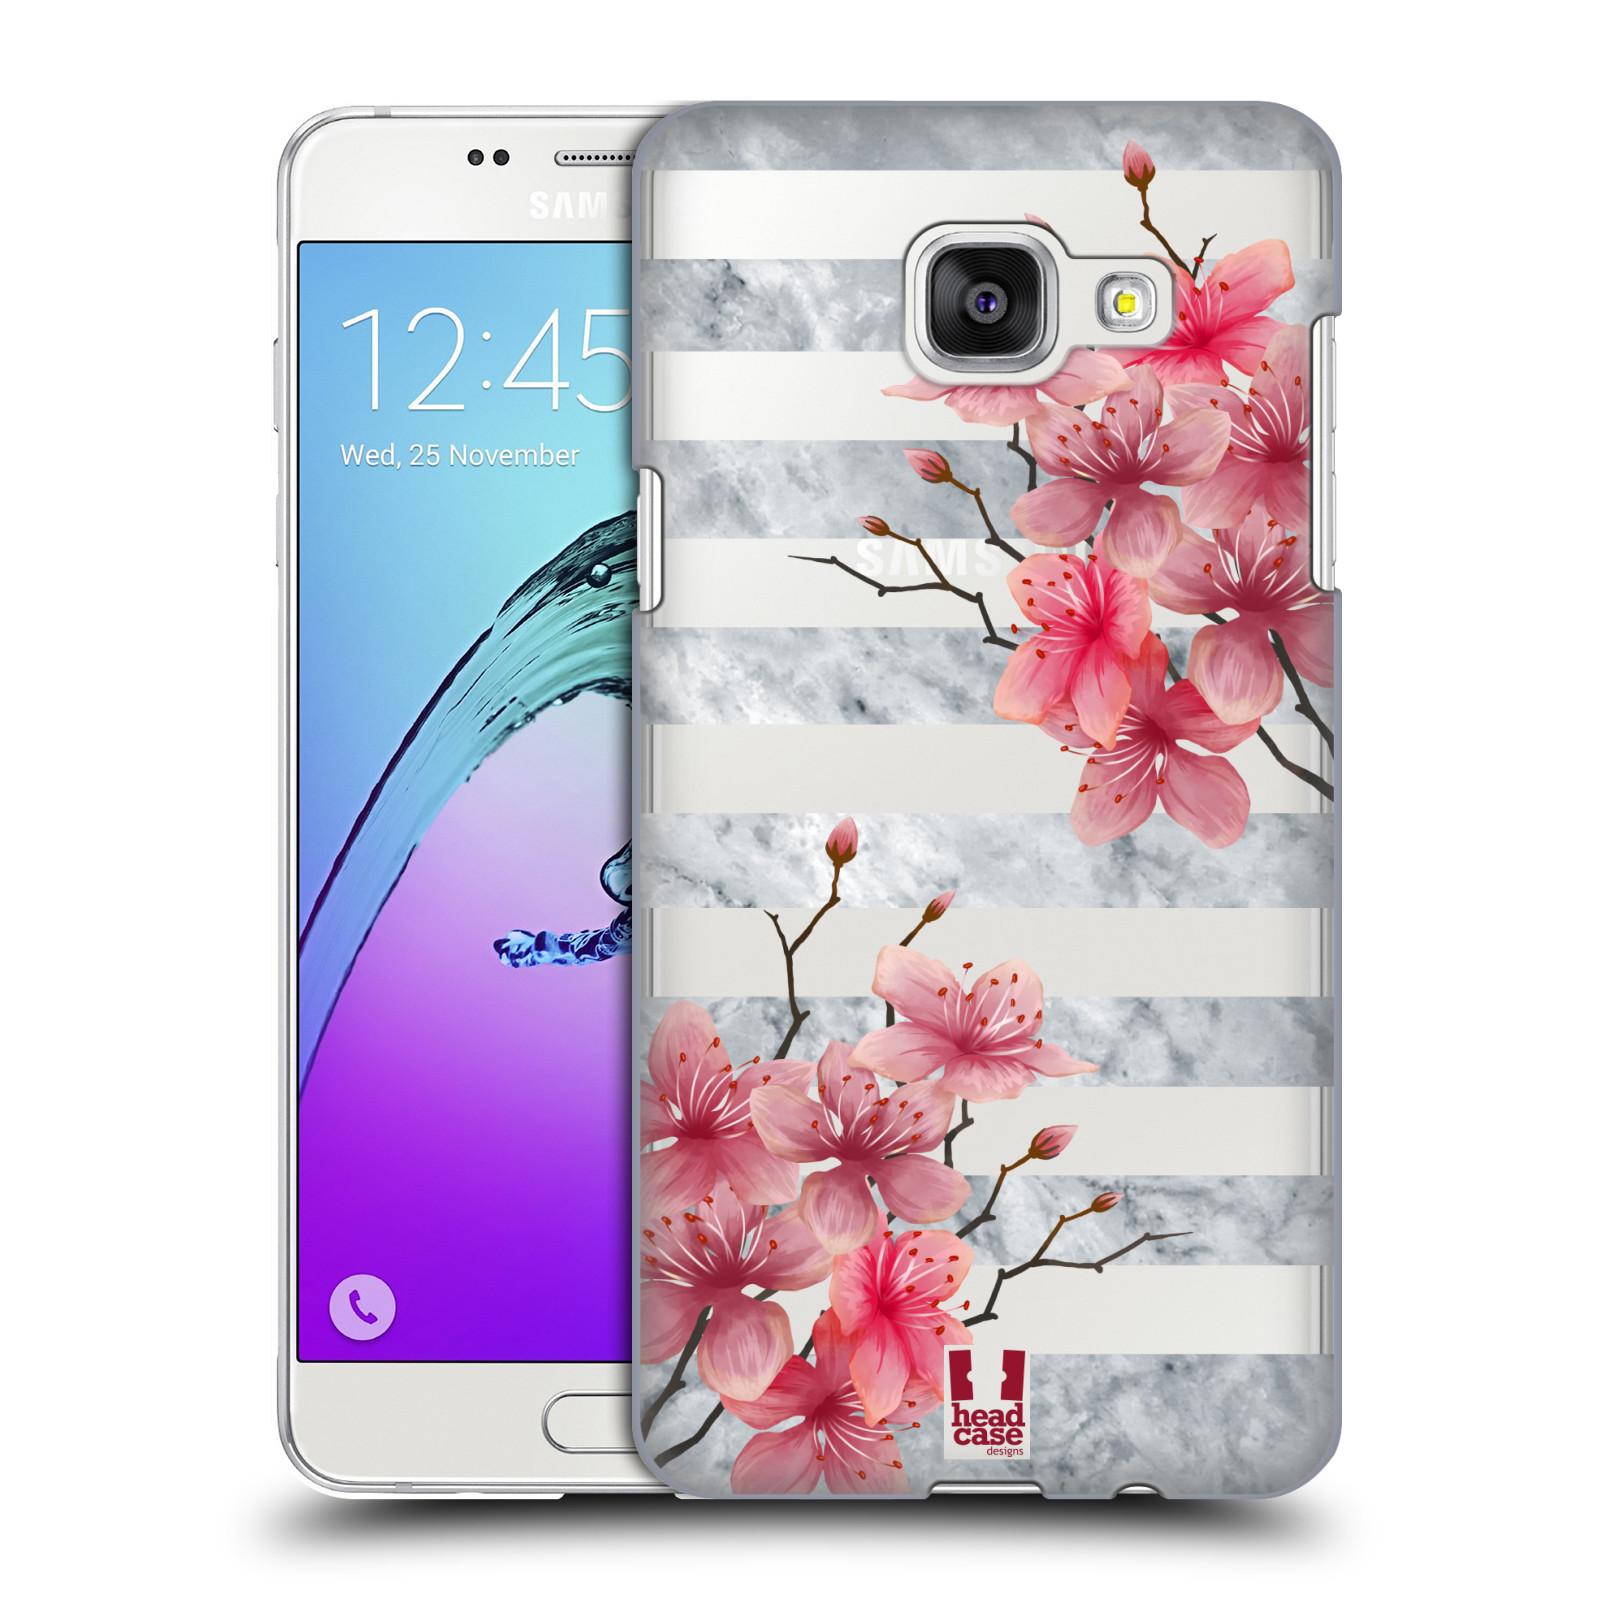 Plastové pouzdro na mobil Samsung Galaxy A5 (2016) - Head Case - Kvítka a mramor